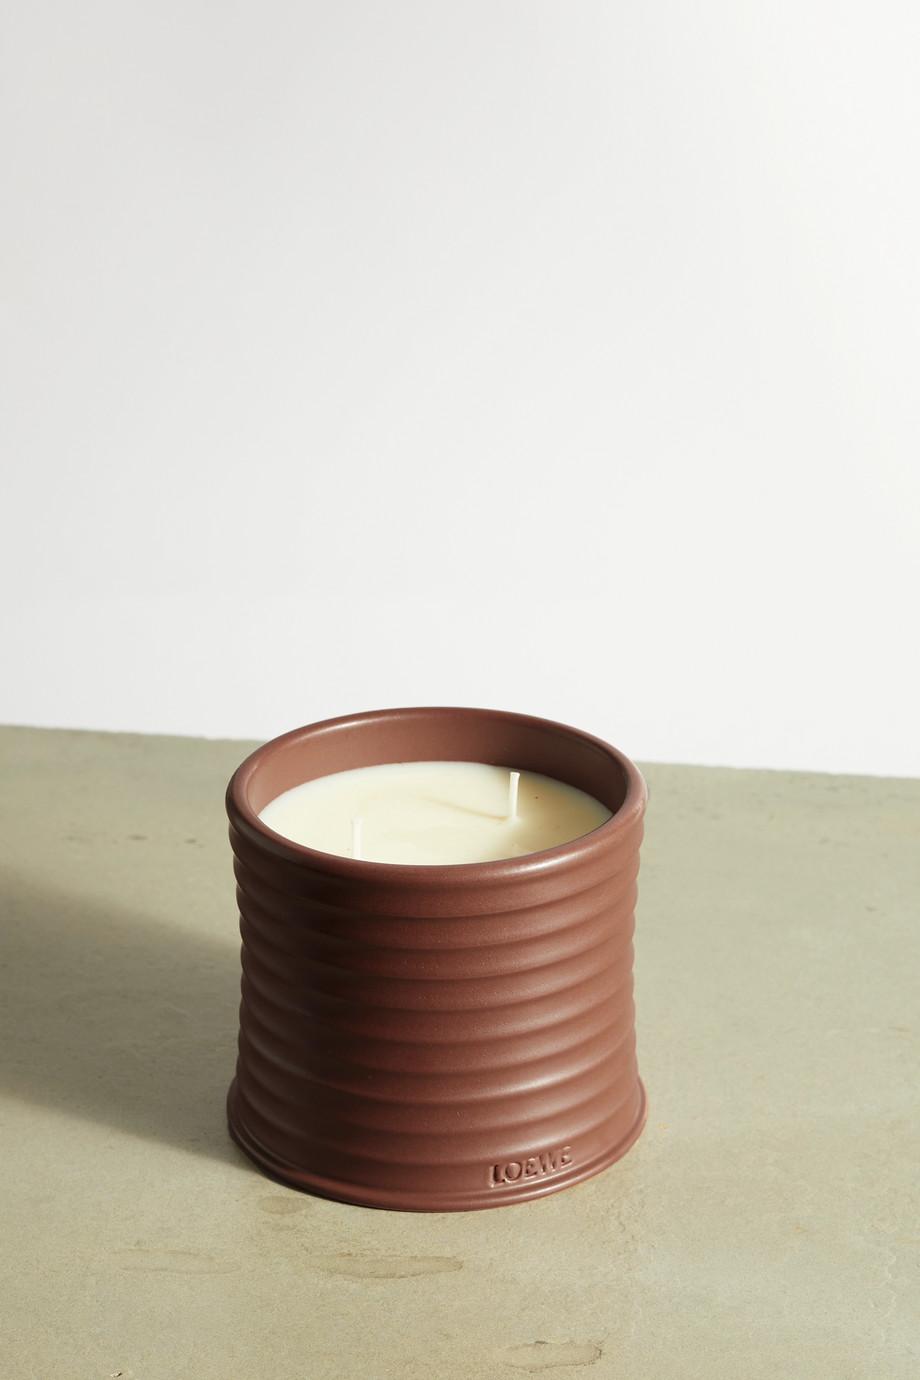 LOEWE Home Scents Bougie parfumée à la coriandre Medium, 610 g